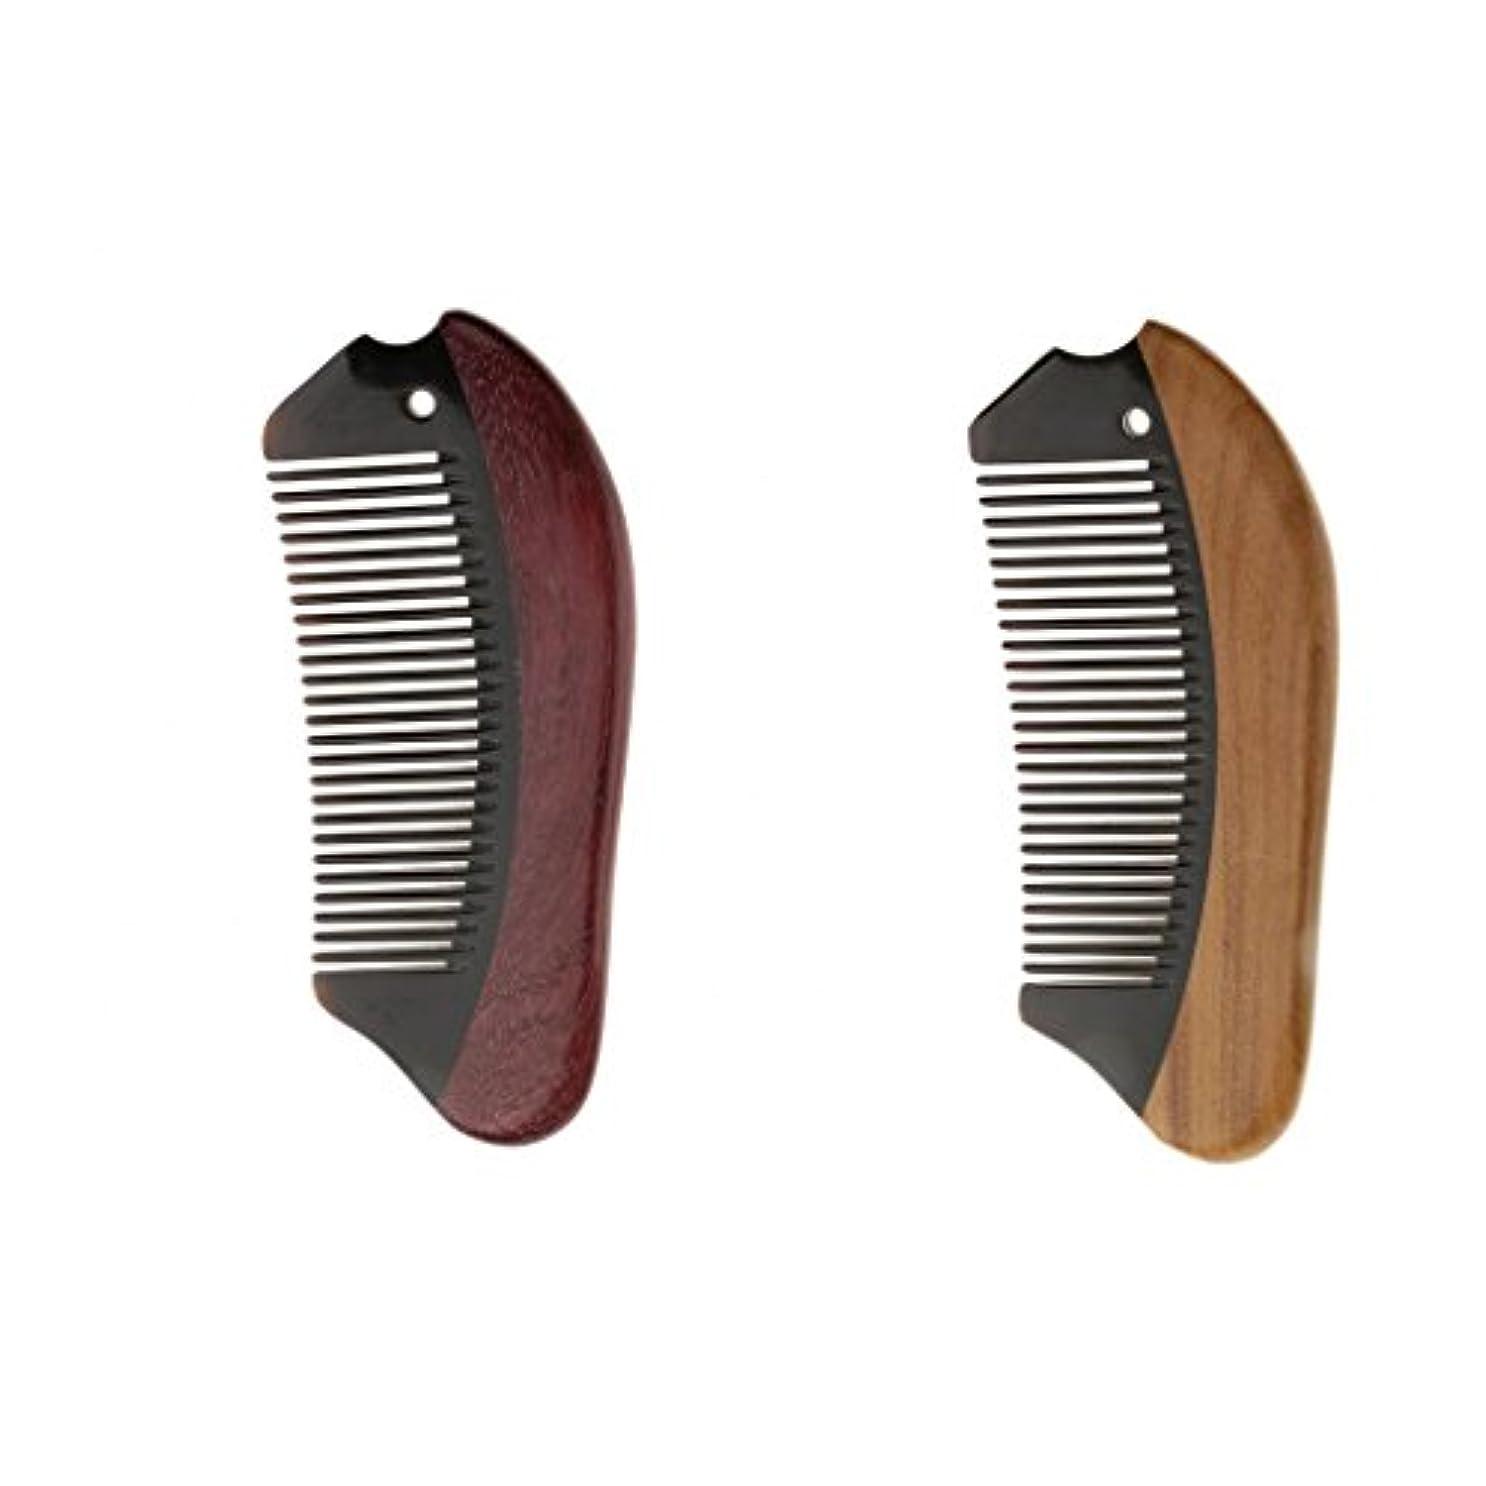 ダーベビルのテス液体デイジー2個 木製 櫛 コーム ヘアダイコーム ブラシ 静電気防止 マッサージ 滑らか 快適